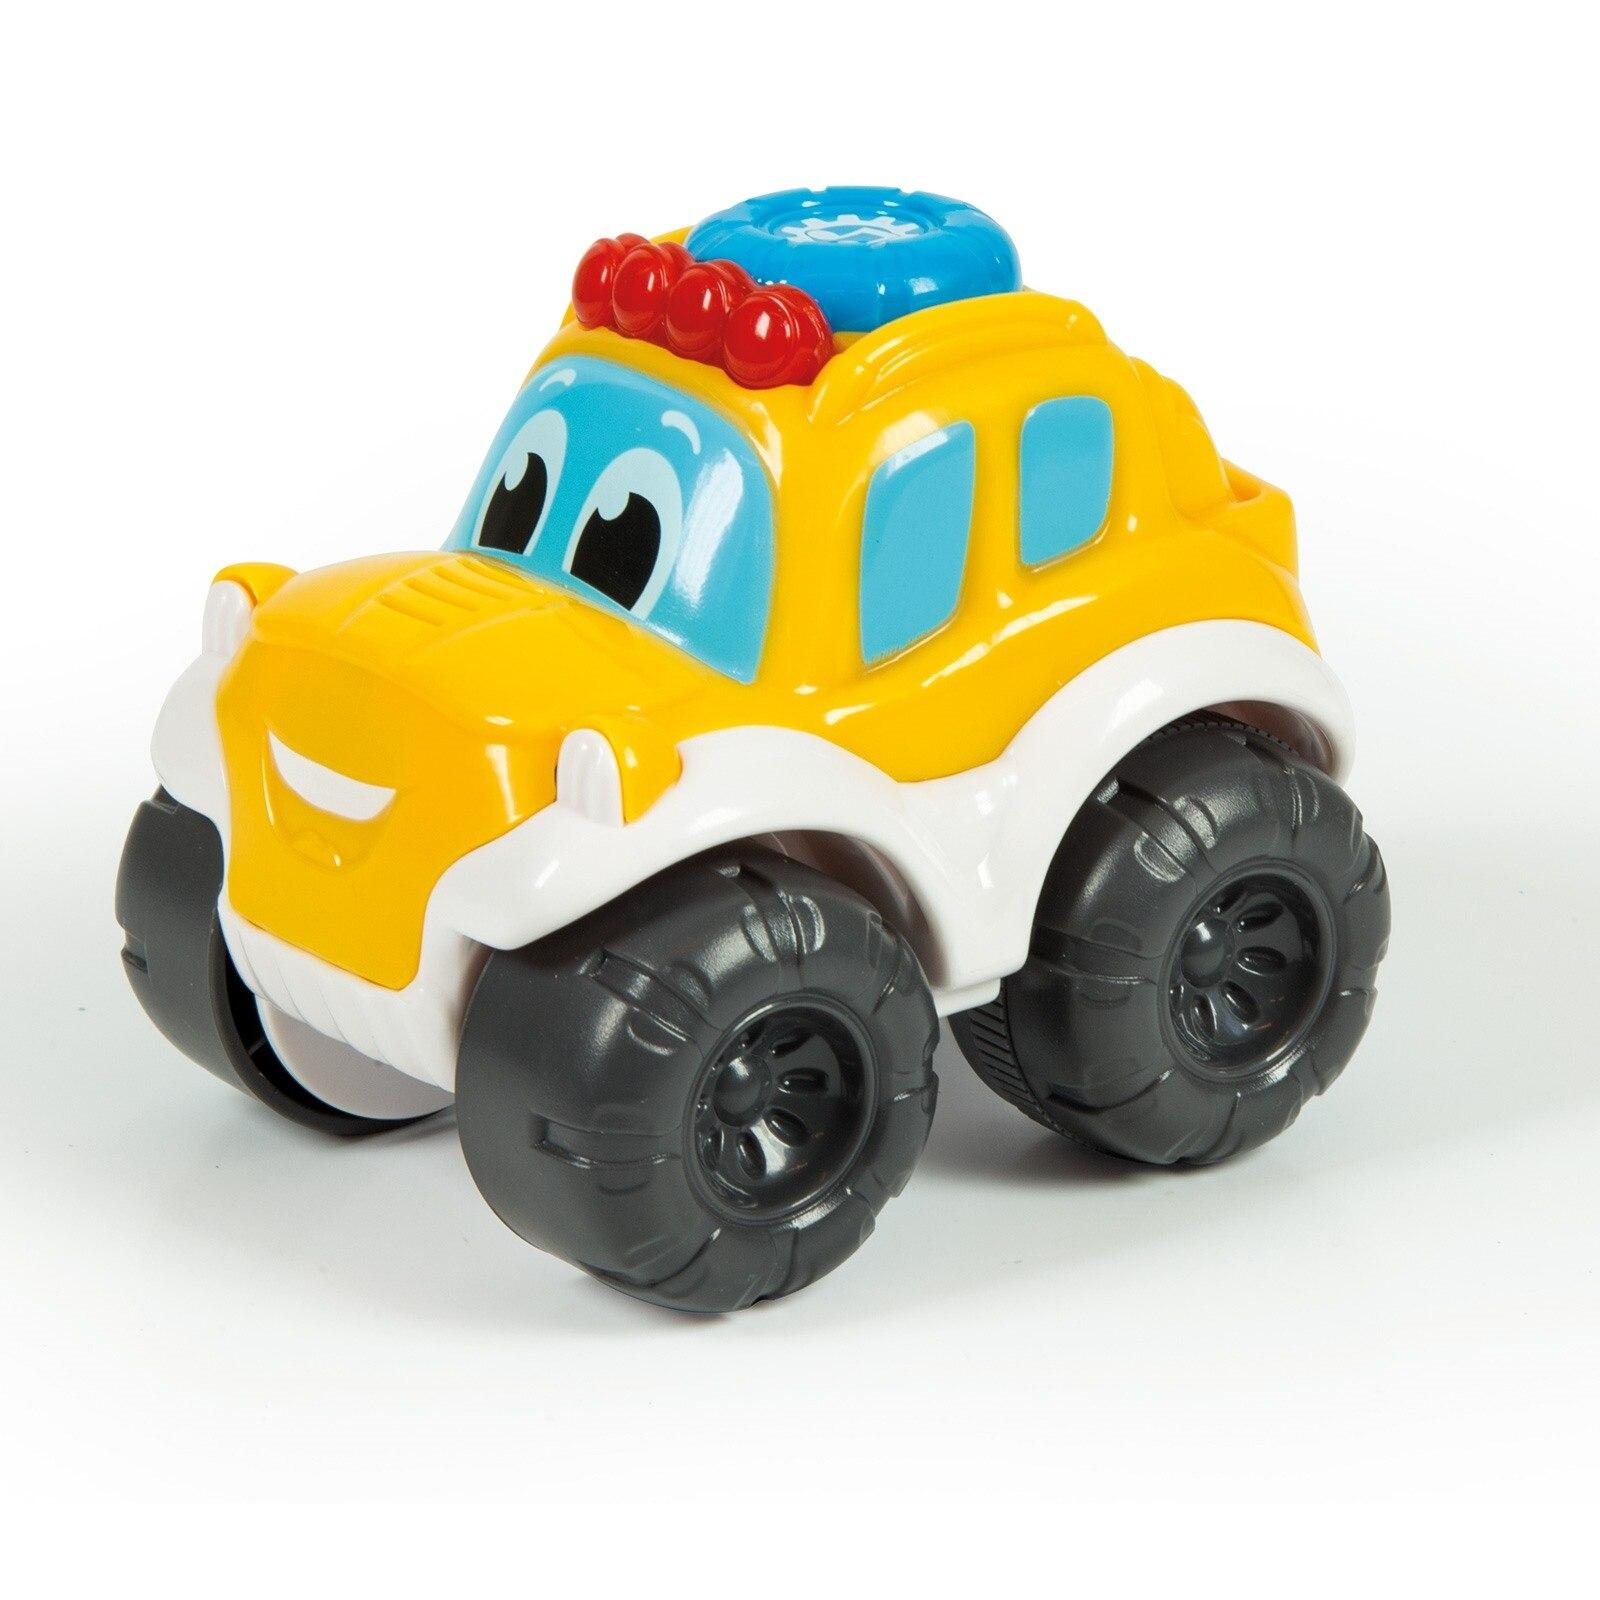 Ebebek Clementoni Off-Road Vehicle